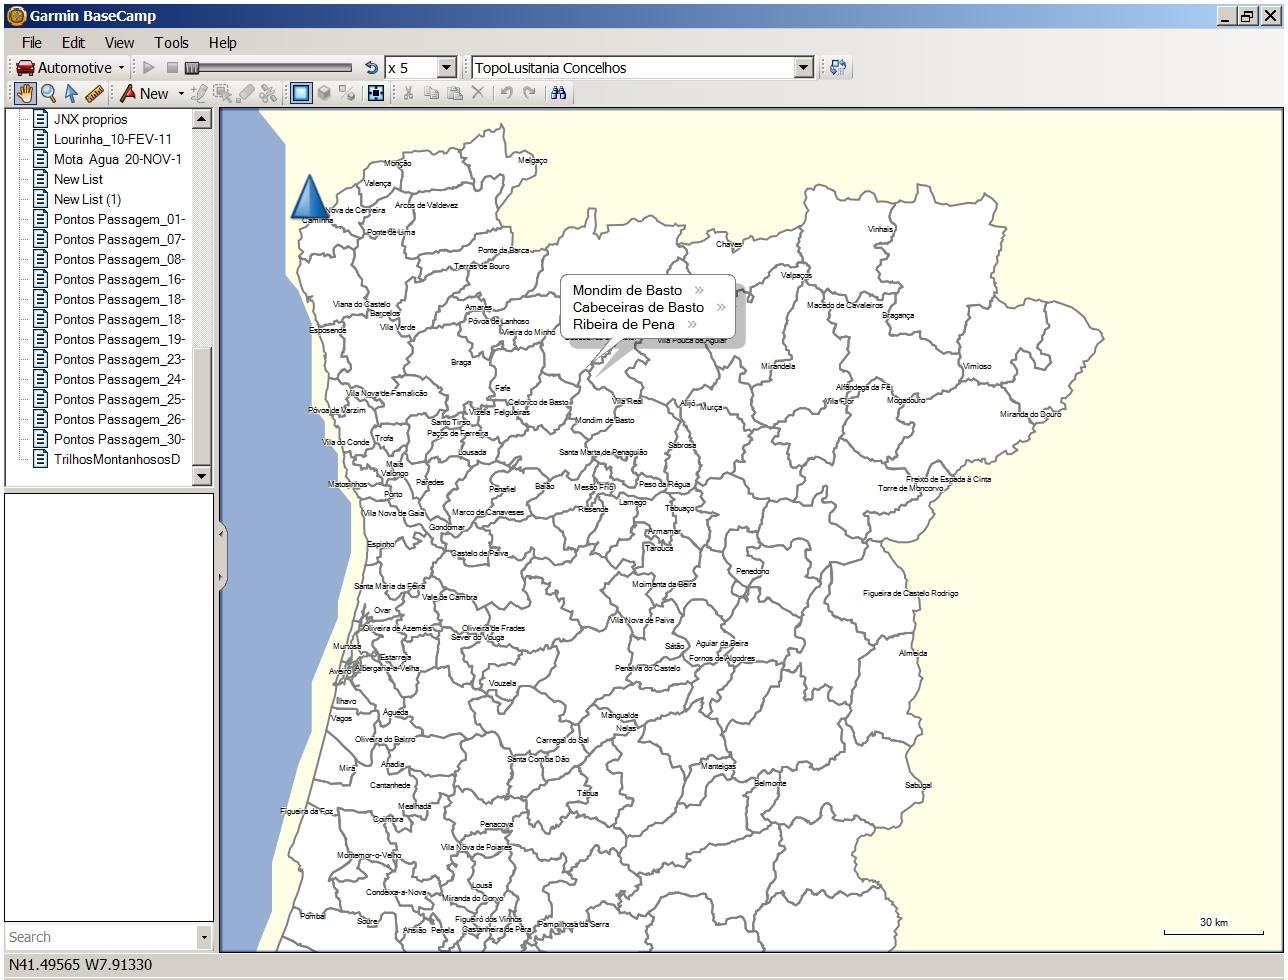 mapa de portugal por freguesias TopoLusitania   Mapa Topográfico de Portugal para GPS em formato  mapa de portugal por freguesias